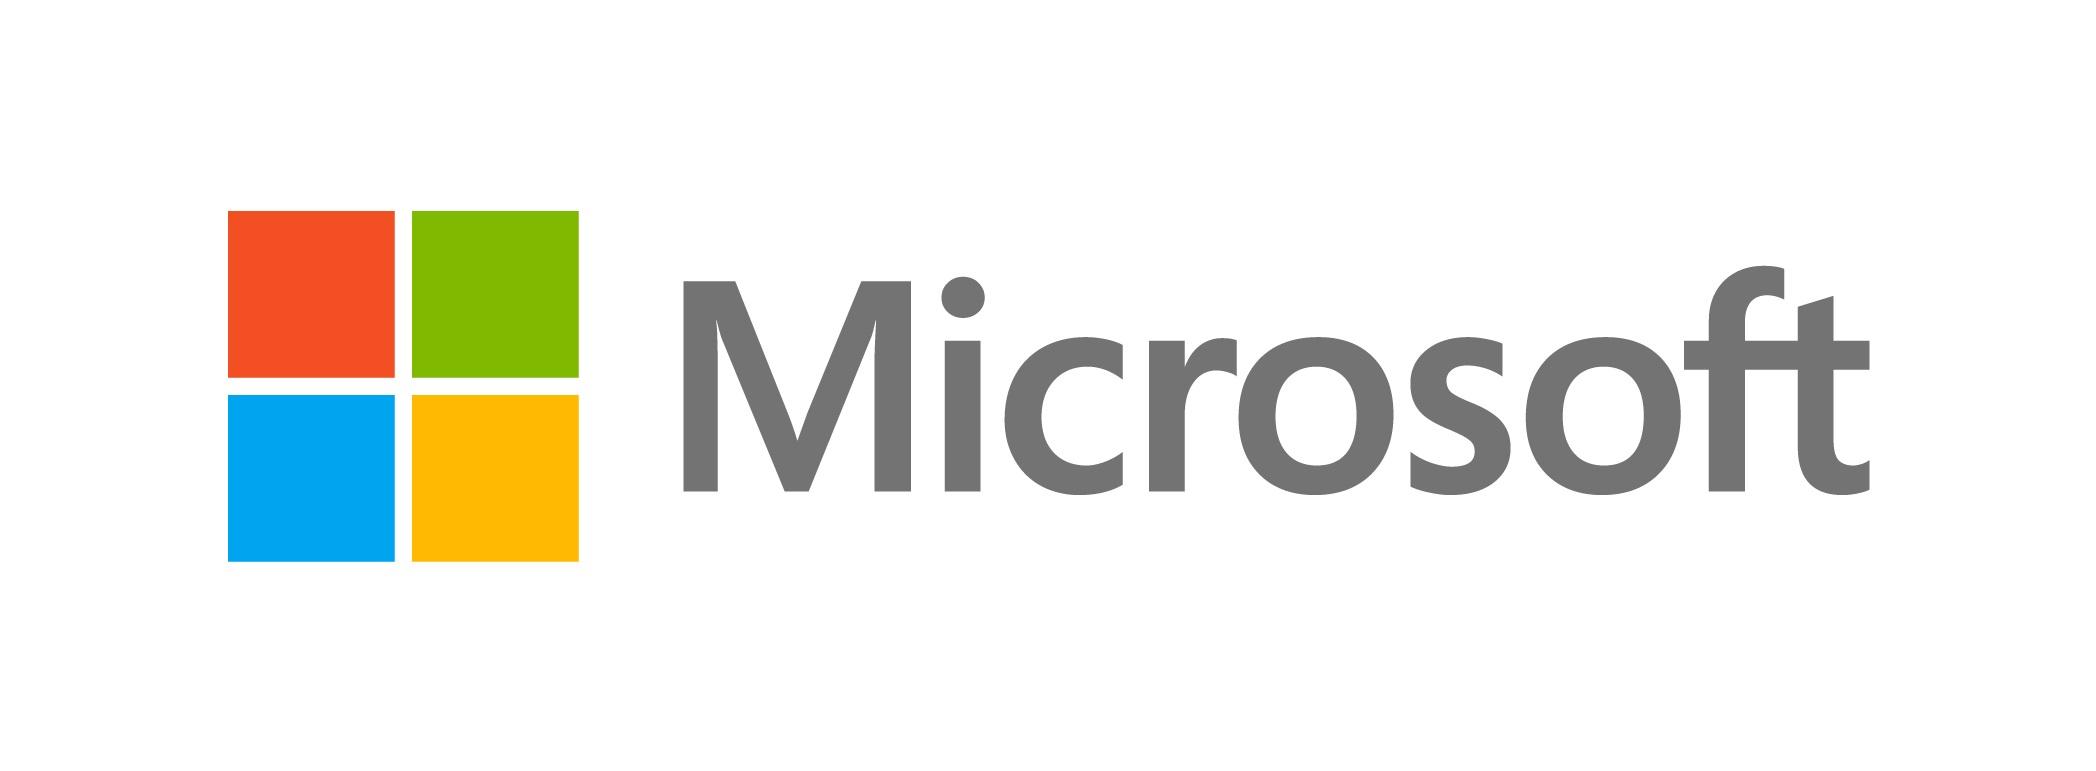 Windows 10 ücretsiz yükseltme ile bugün 190 ülkede kullanıcılara sunuluyor